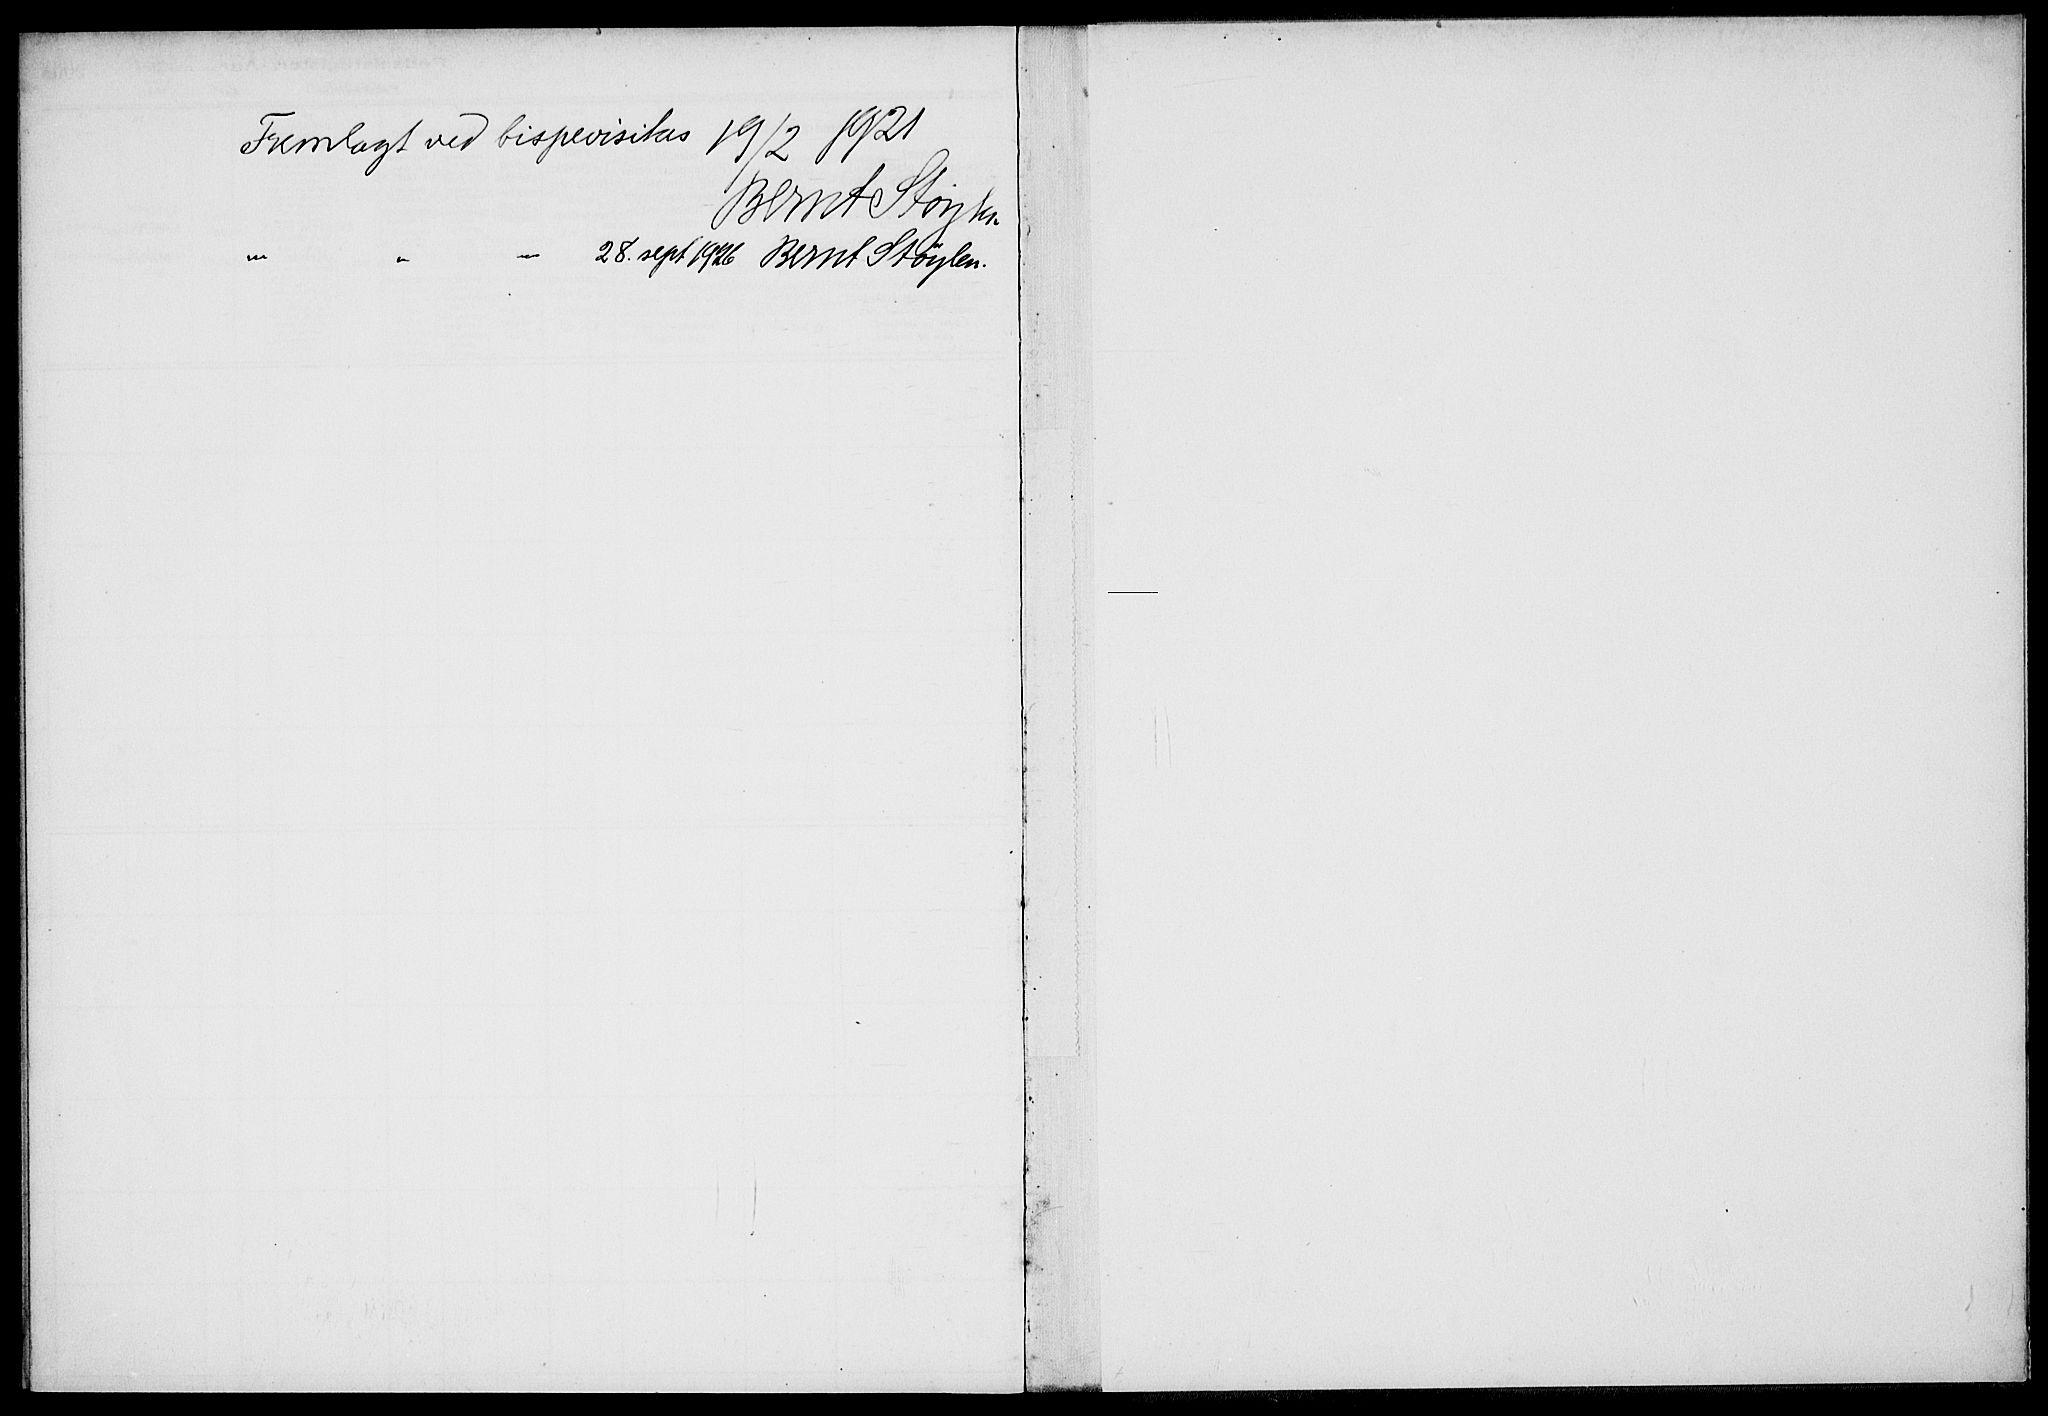 SAKO, Gjerpen kirkebøker, J/Ja/L0001: Fødselsregister nr. 1, 1916-1926